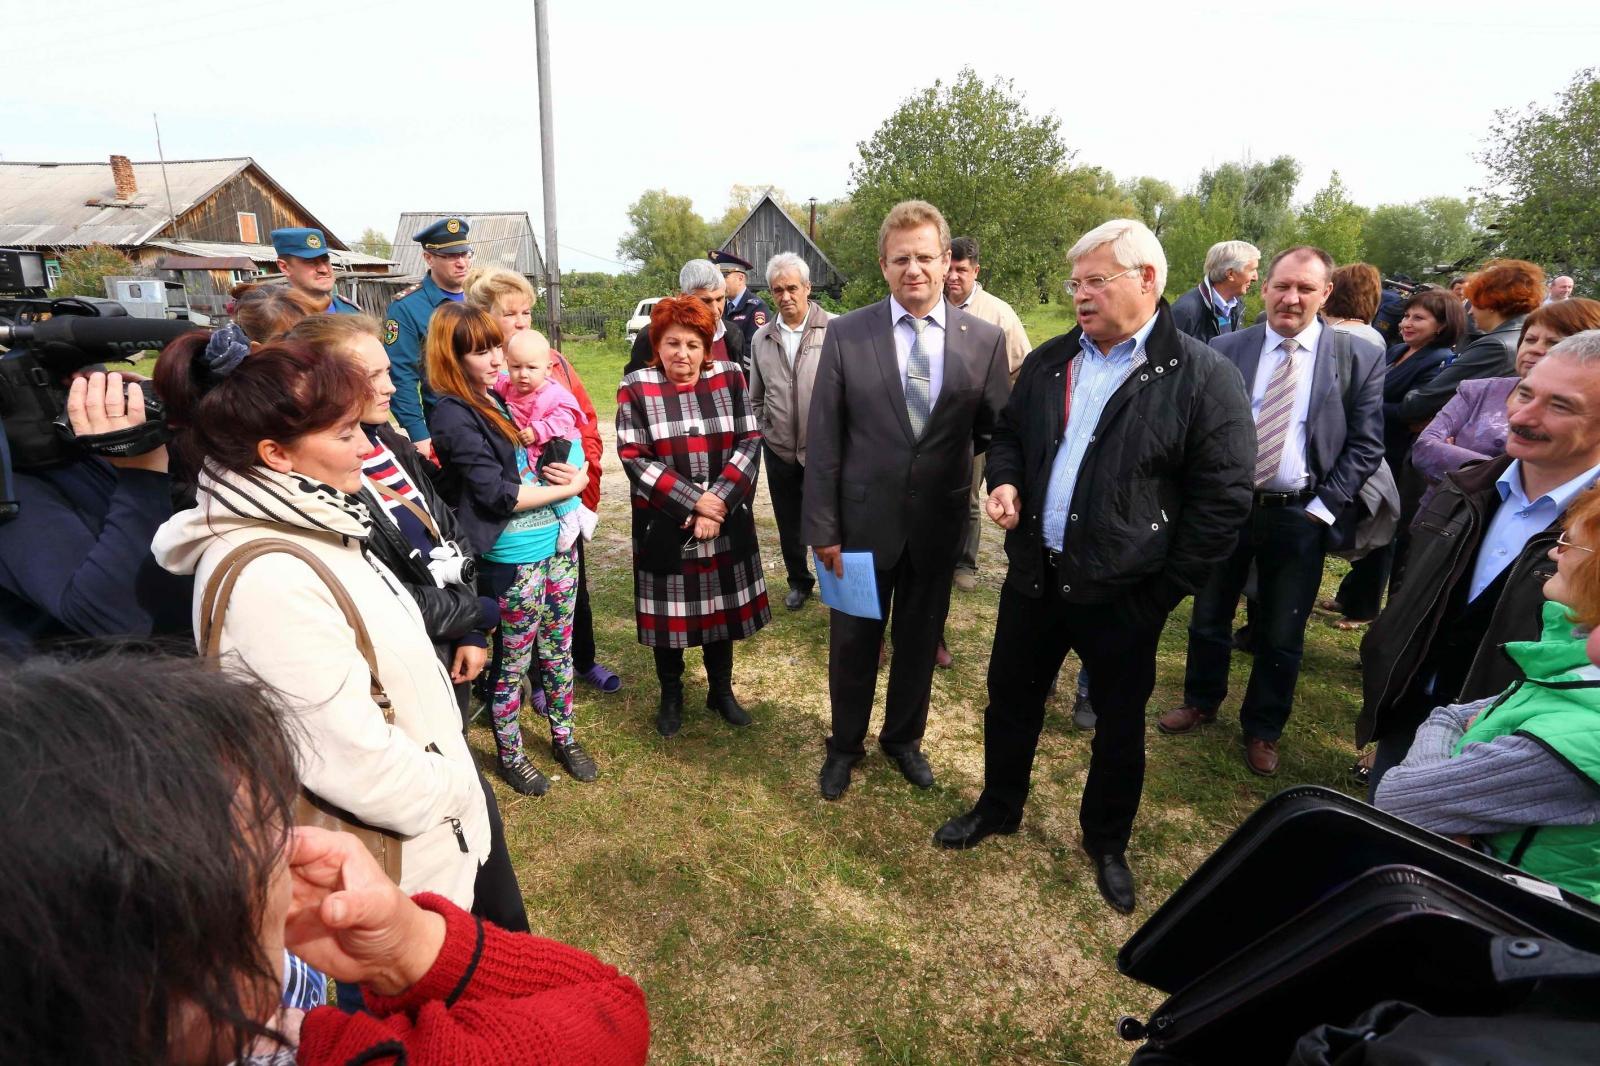 Губернатор Томской области Сергей Жвачкин посетил Чаинский и Колпашевский районы, где проверил, как ликвидированы последствия весеннего половодья и оказана помощь пострадавшим, 4 сентября 2015 года